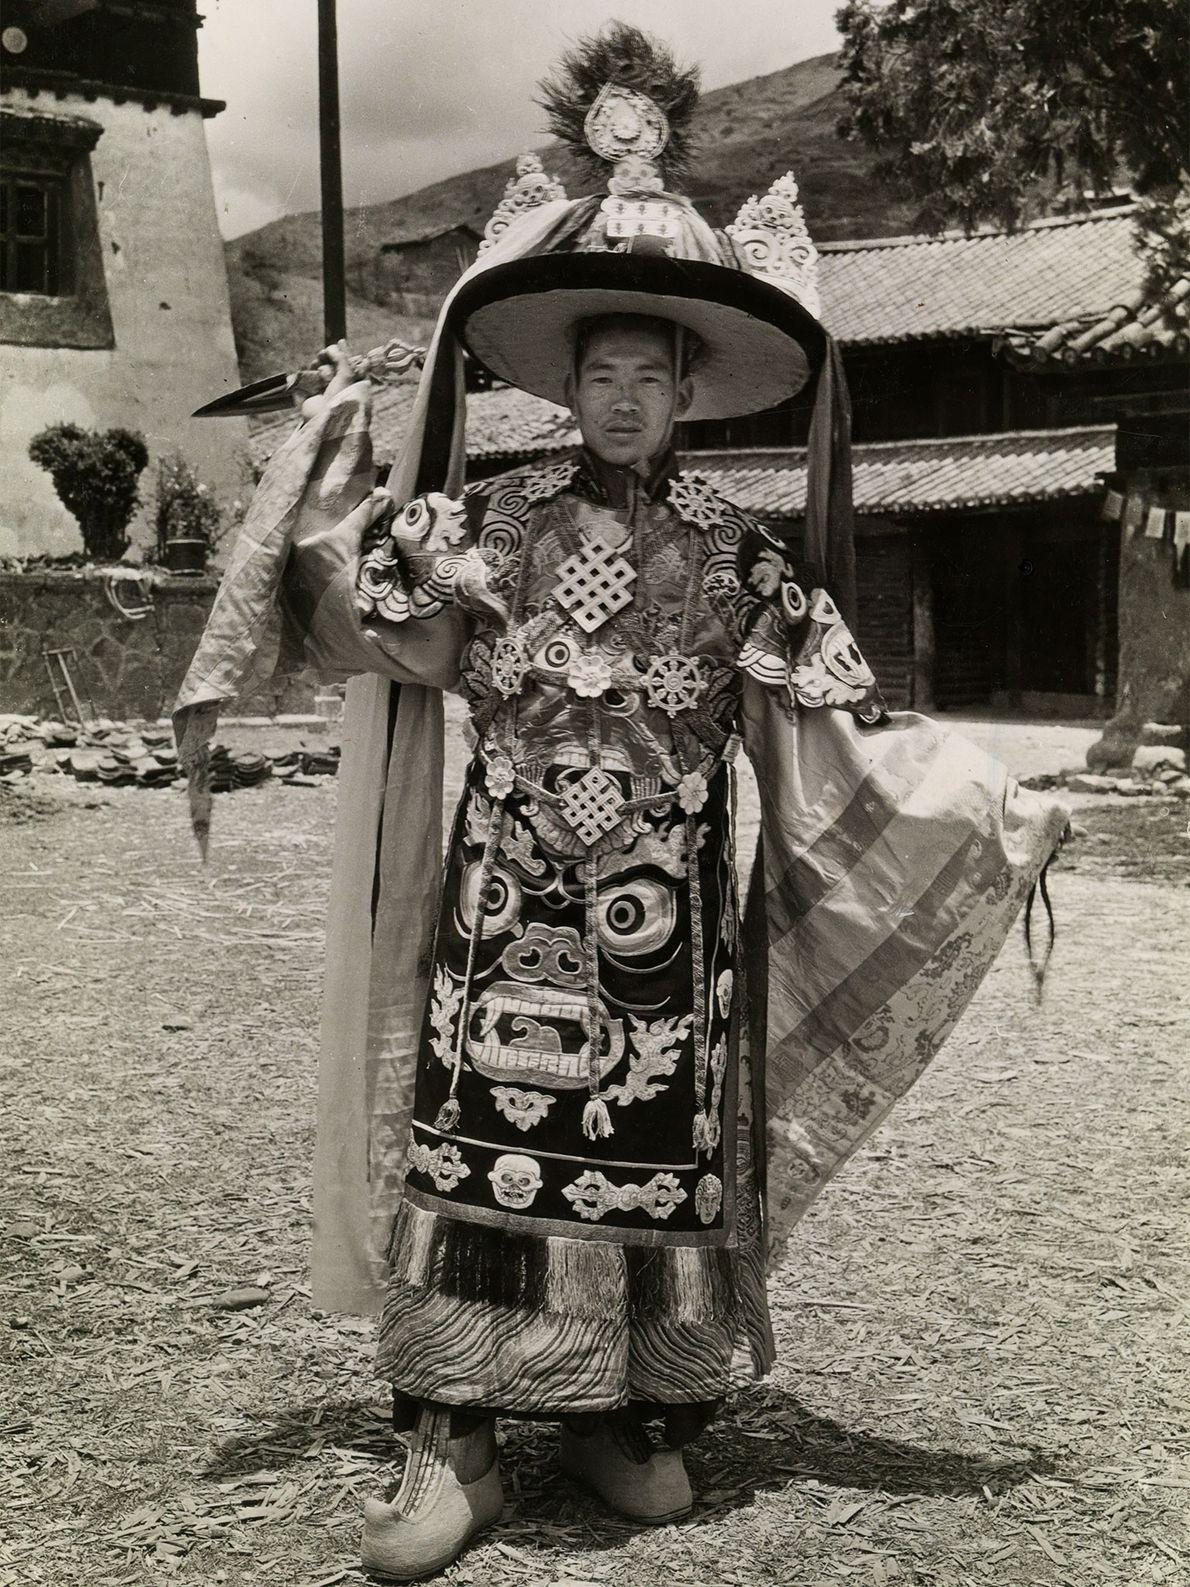 Der Haupttänzer, der in den 1920ern den Tanz des Schwarzen Hutes im chinesischen Yongning-Kloster aufgeführt hat, ...